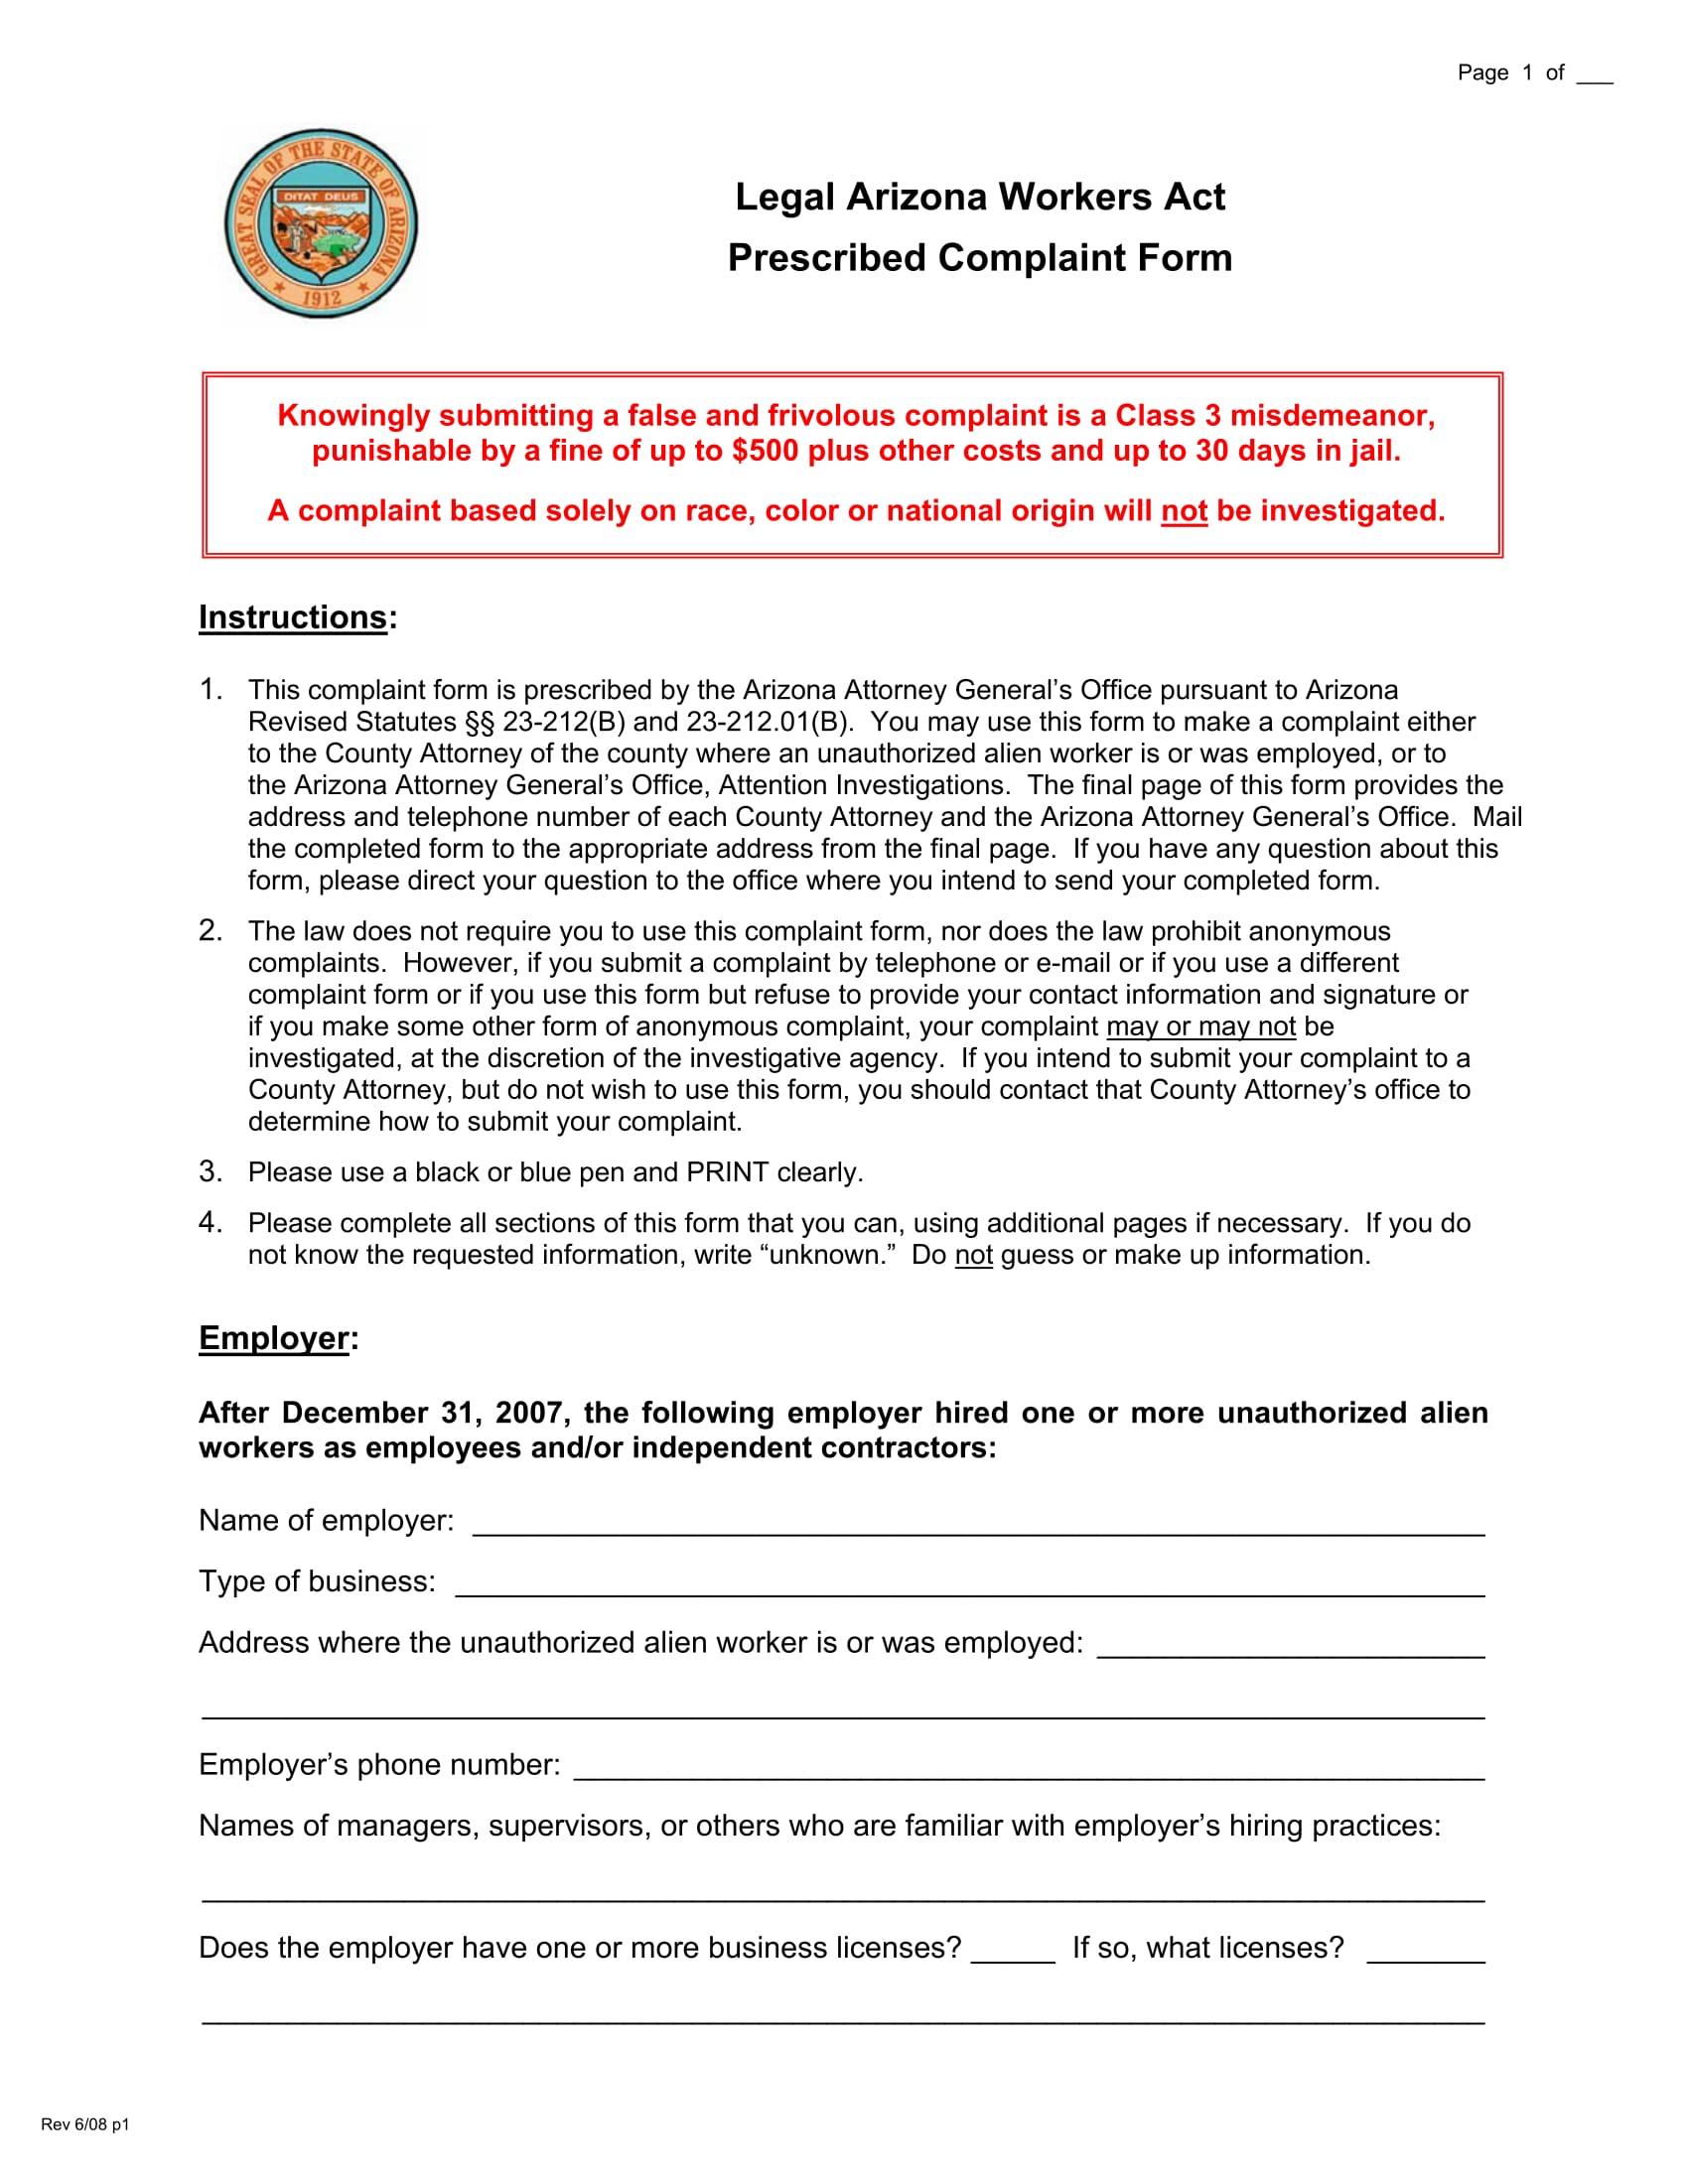 free legal complaint form 1